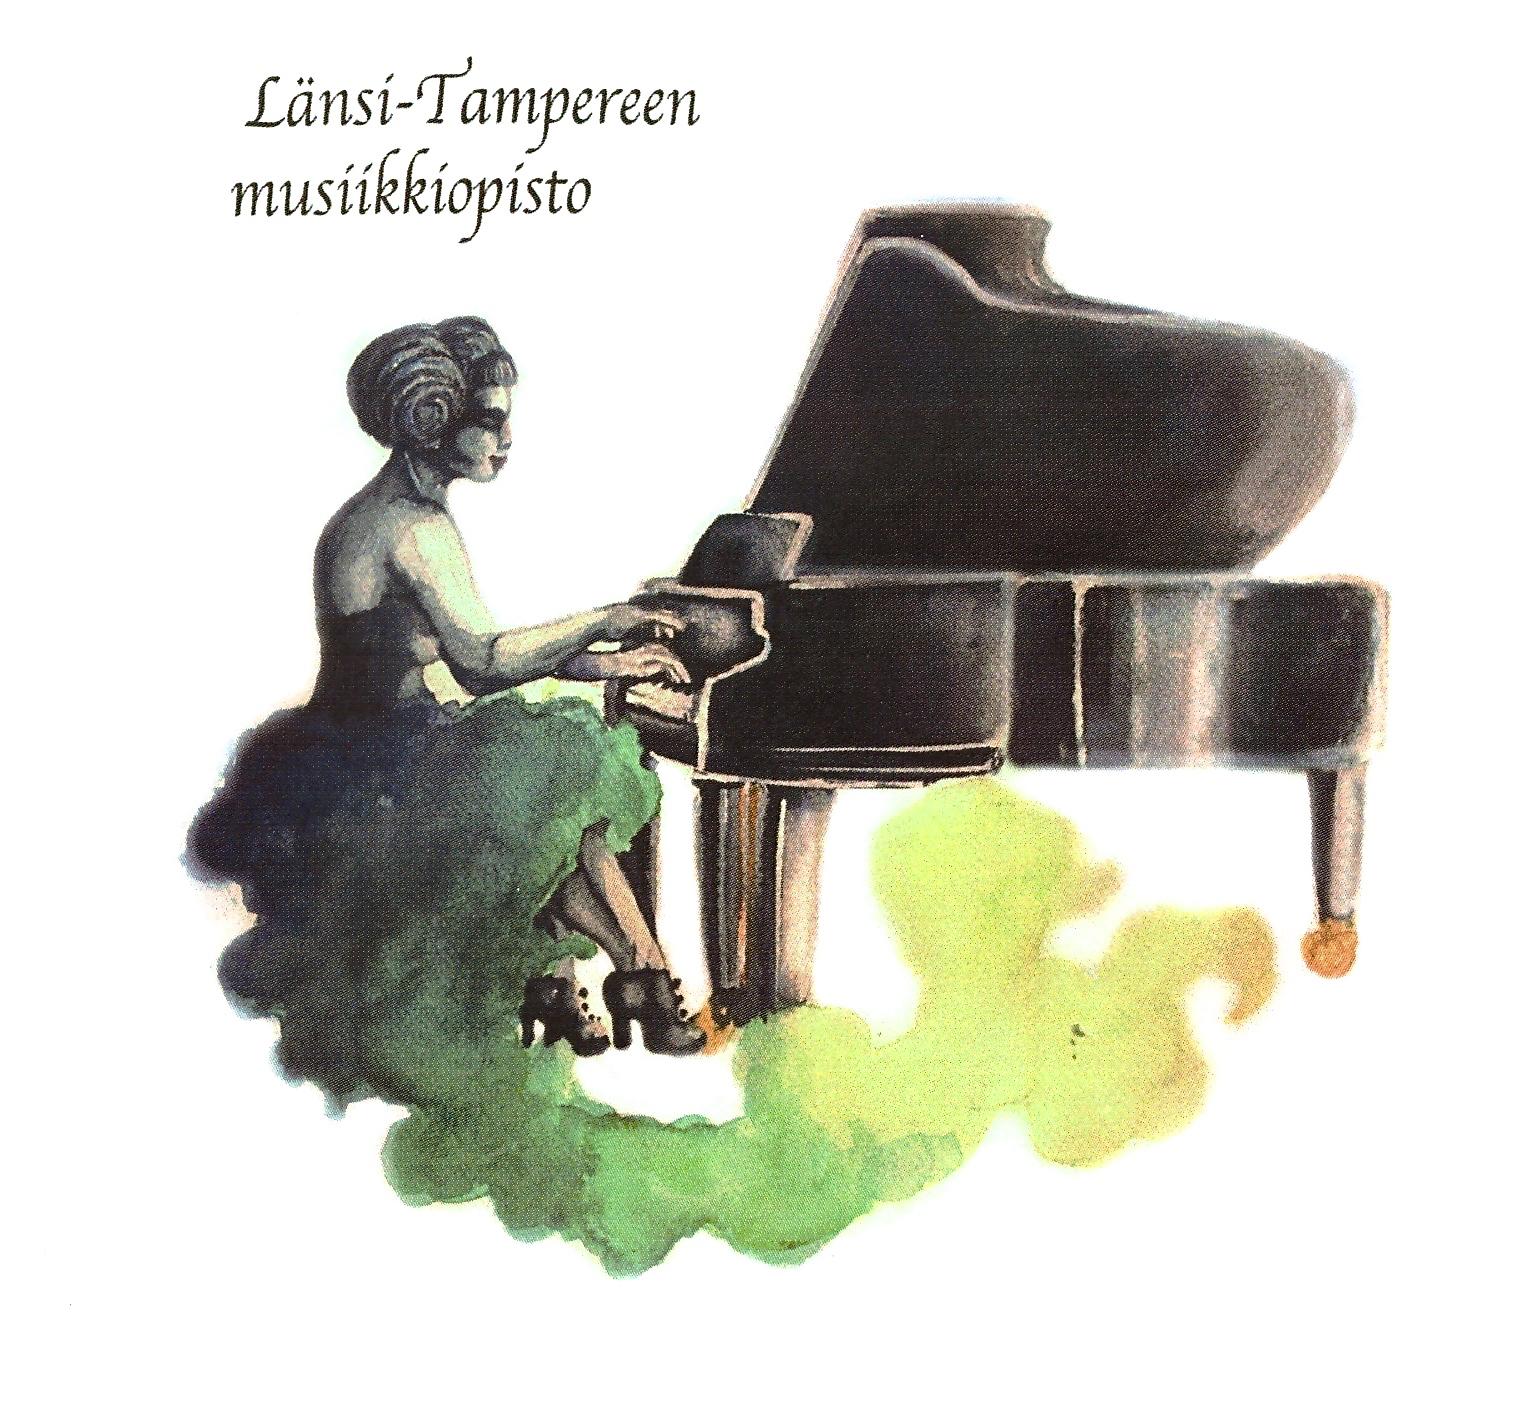 Länsi-Tampereen musiikkiopiston kevätkonsertti